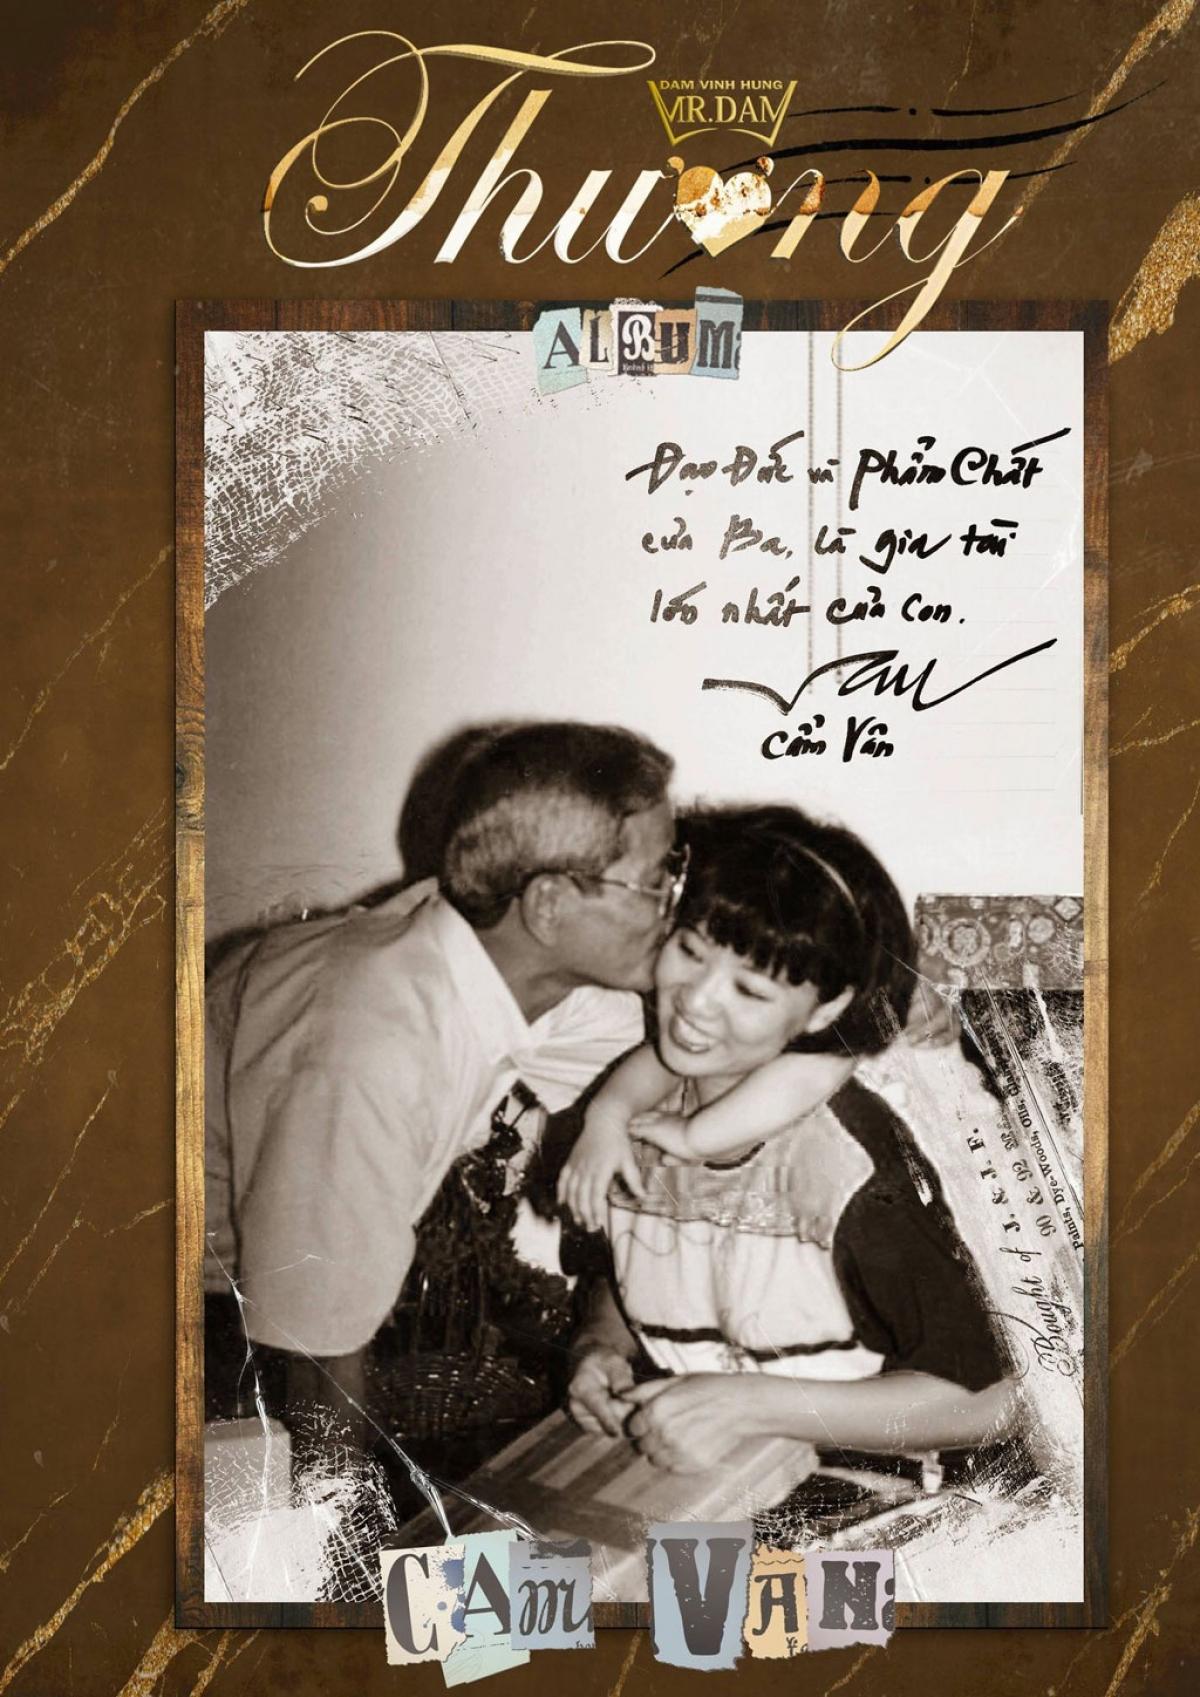 Hình ảnh nghệ sĩ Thành Lộc, ca sĩ Cẩm Vân chụp cùng cha mình kèm những dòng thư tay đầy cảm xúc trong MV Cha của Đàm Vĩnh Hưng